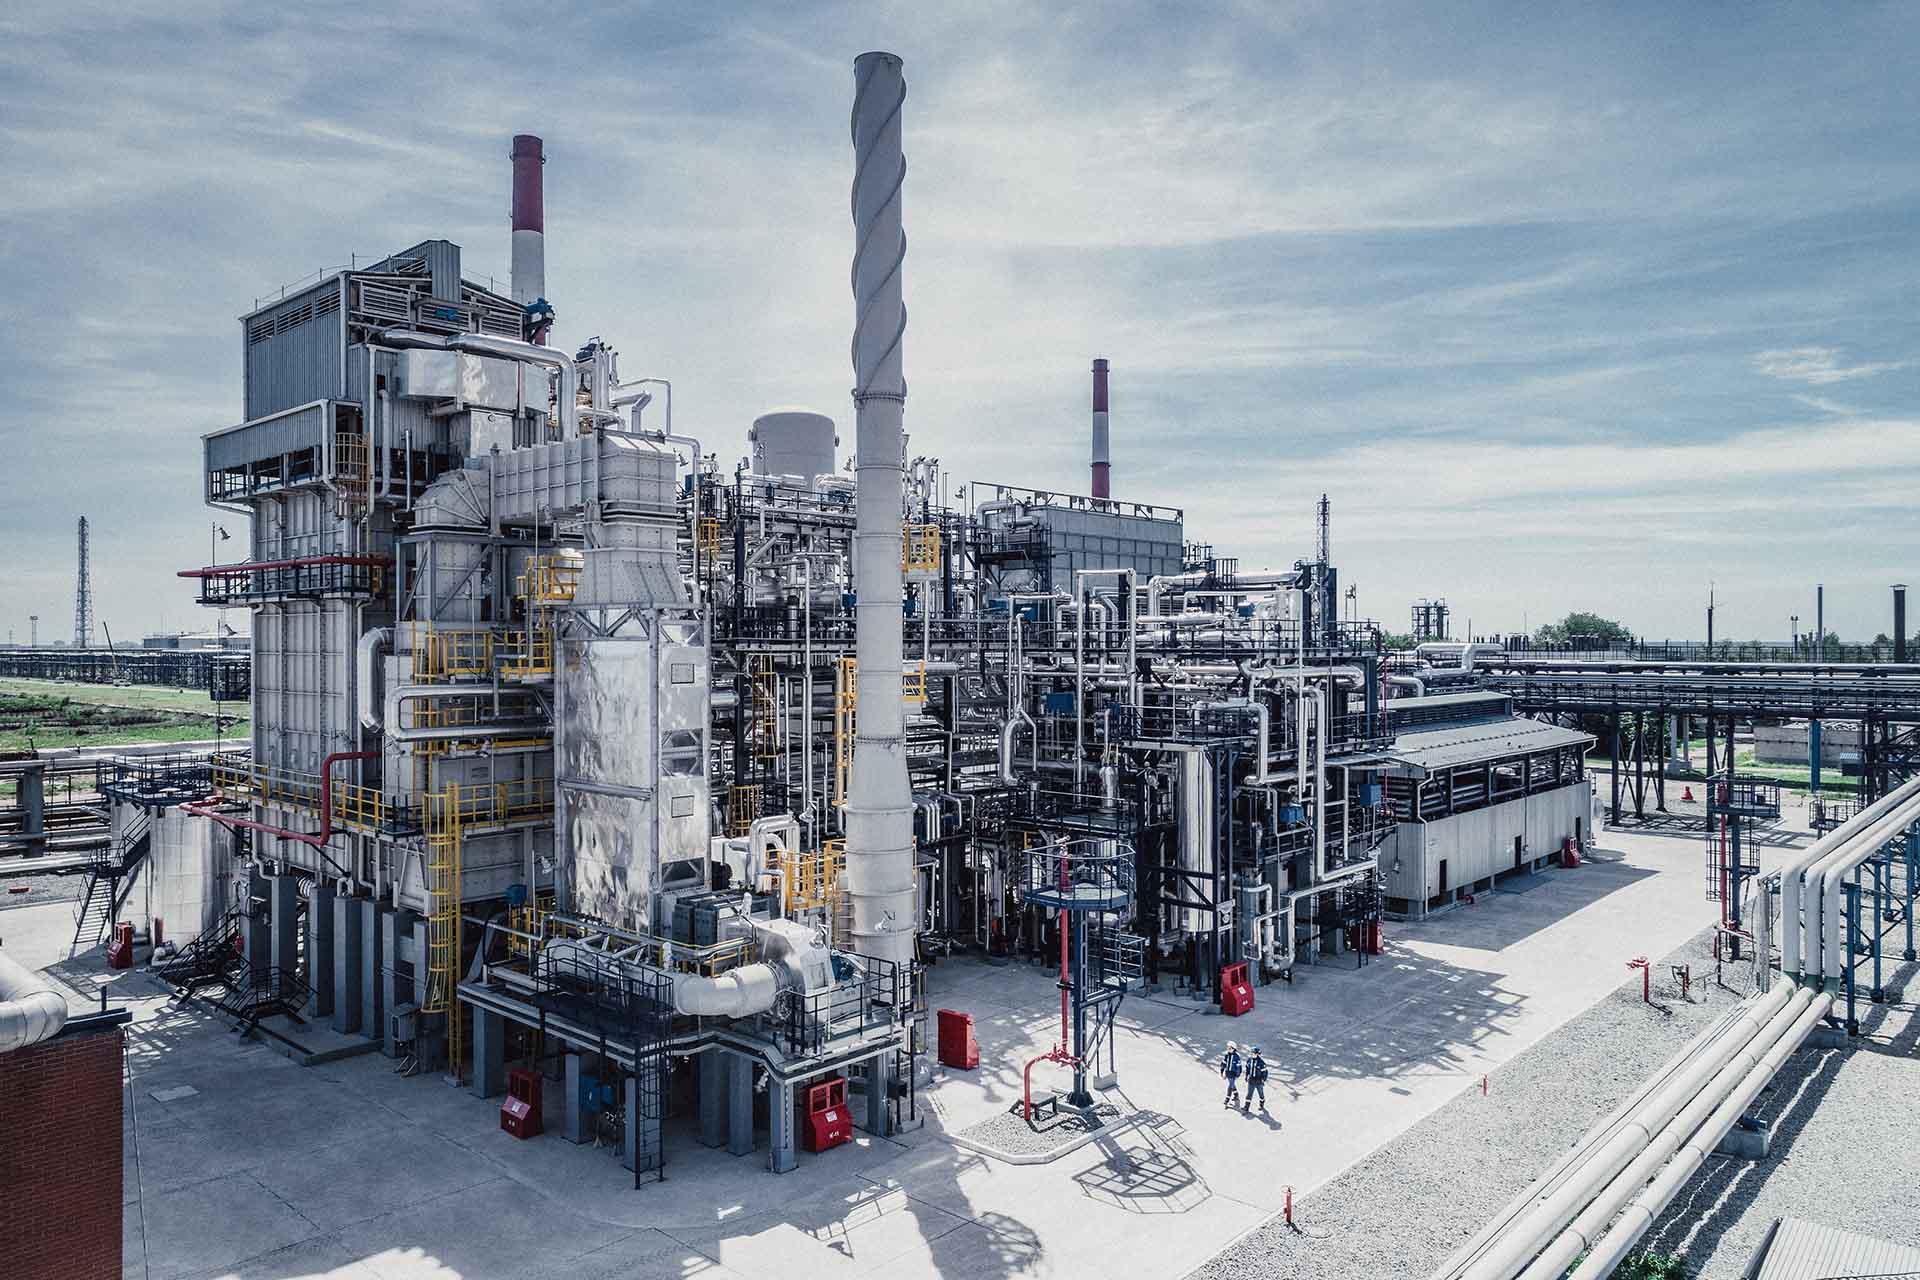 توسعه فناوریهای هیدروژن توسط گازپروم نفت